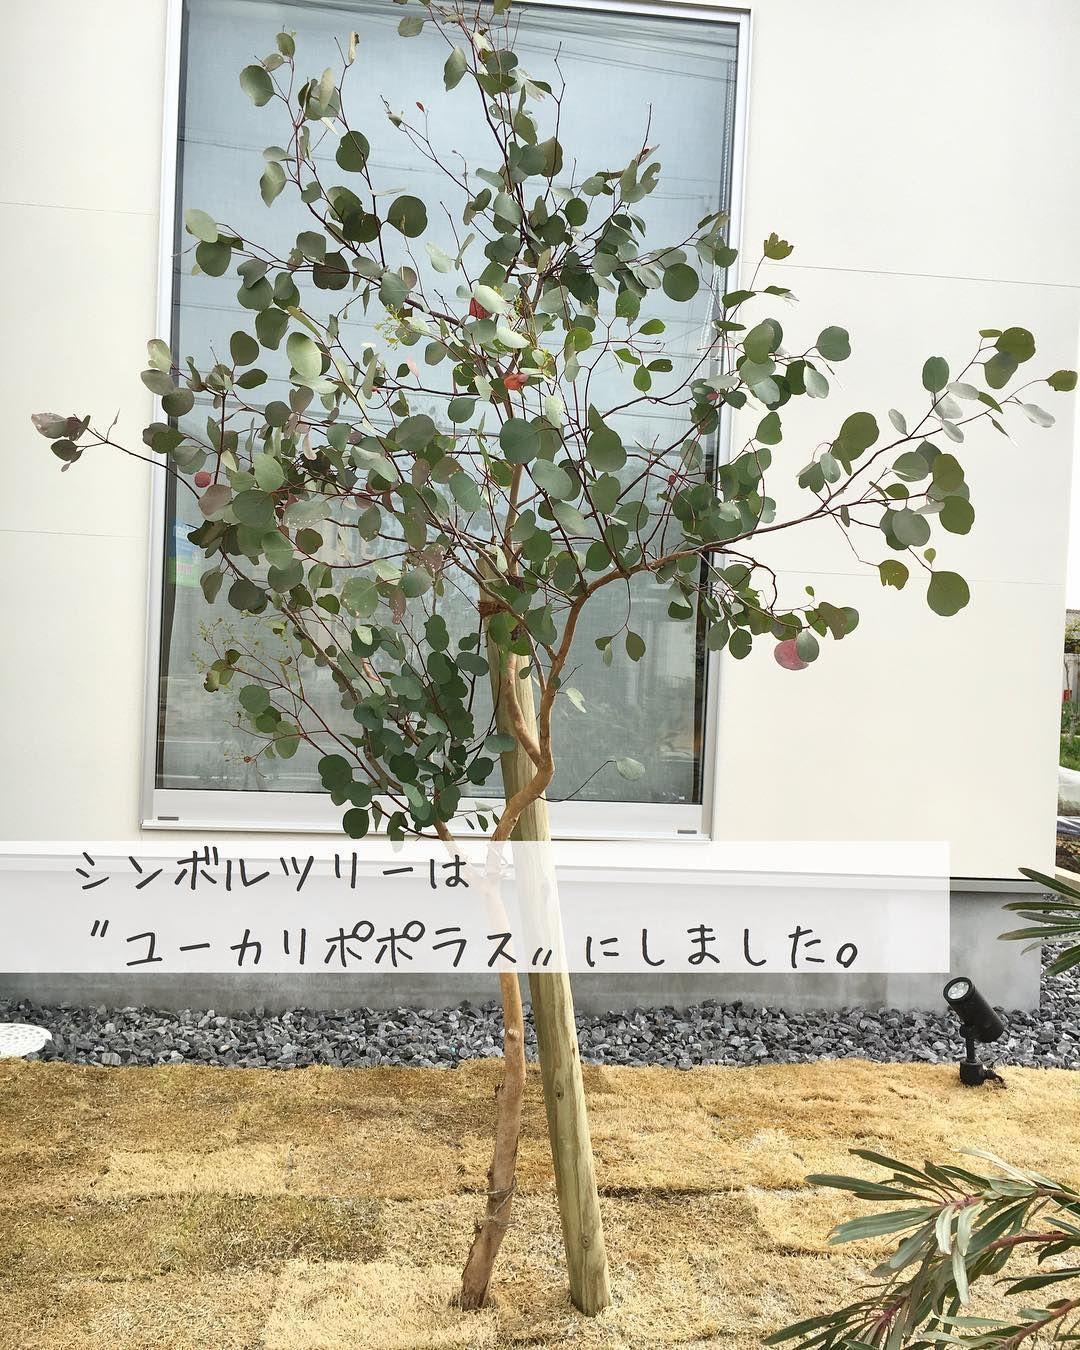 Yuifu On Instagram わが家のシンボルツリー